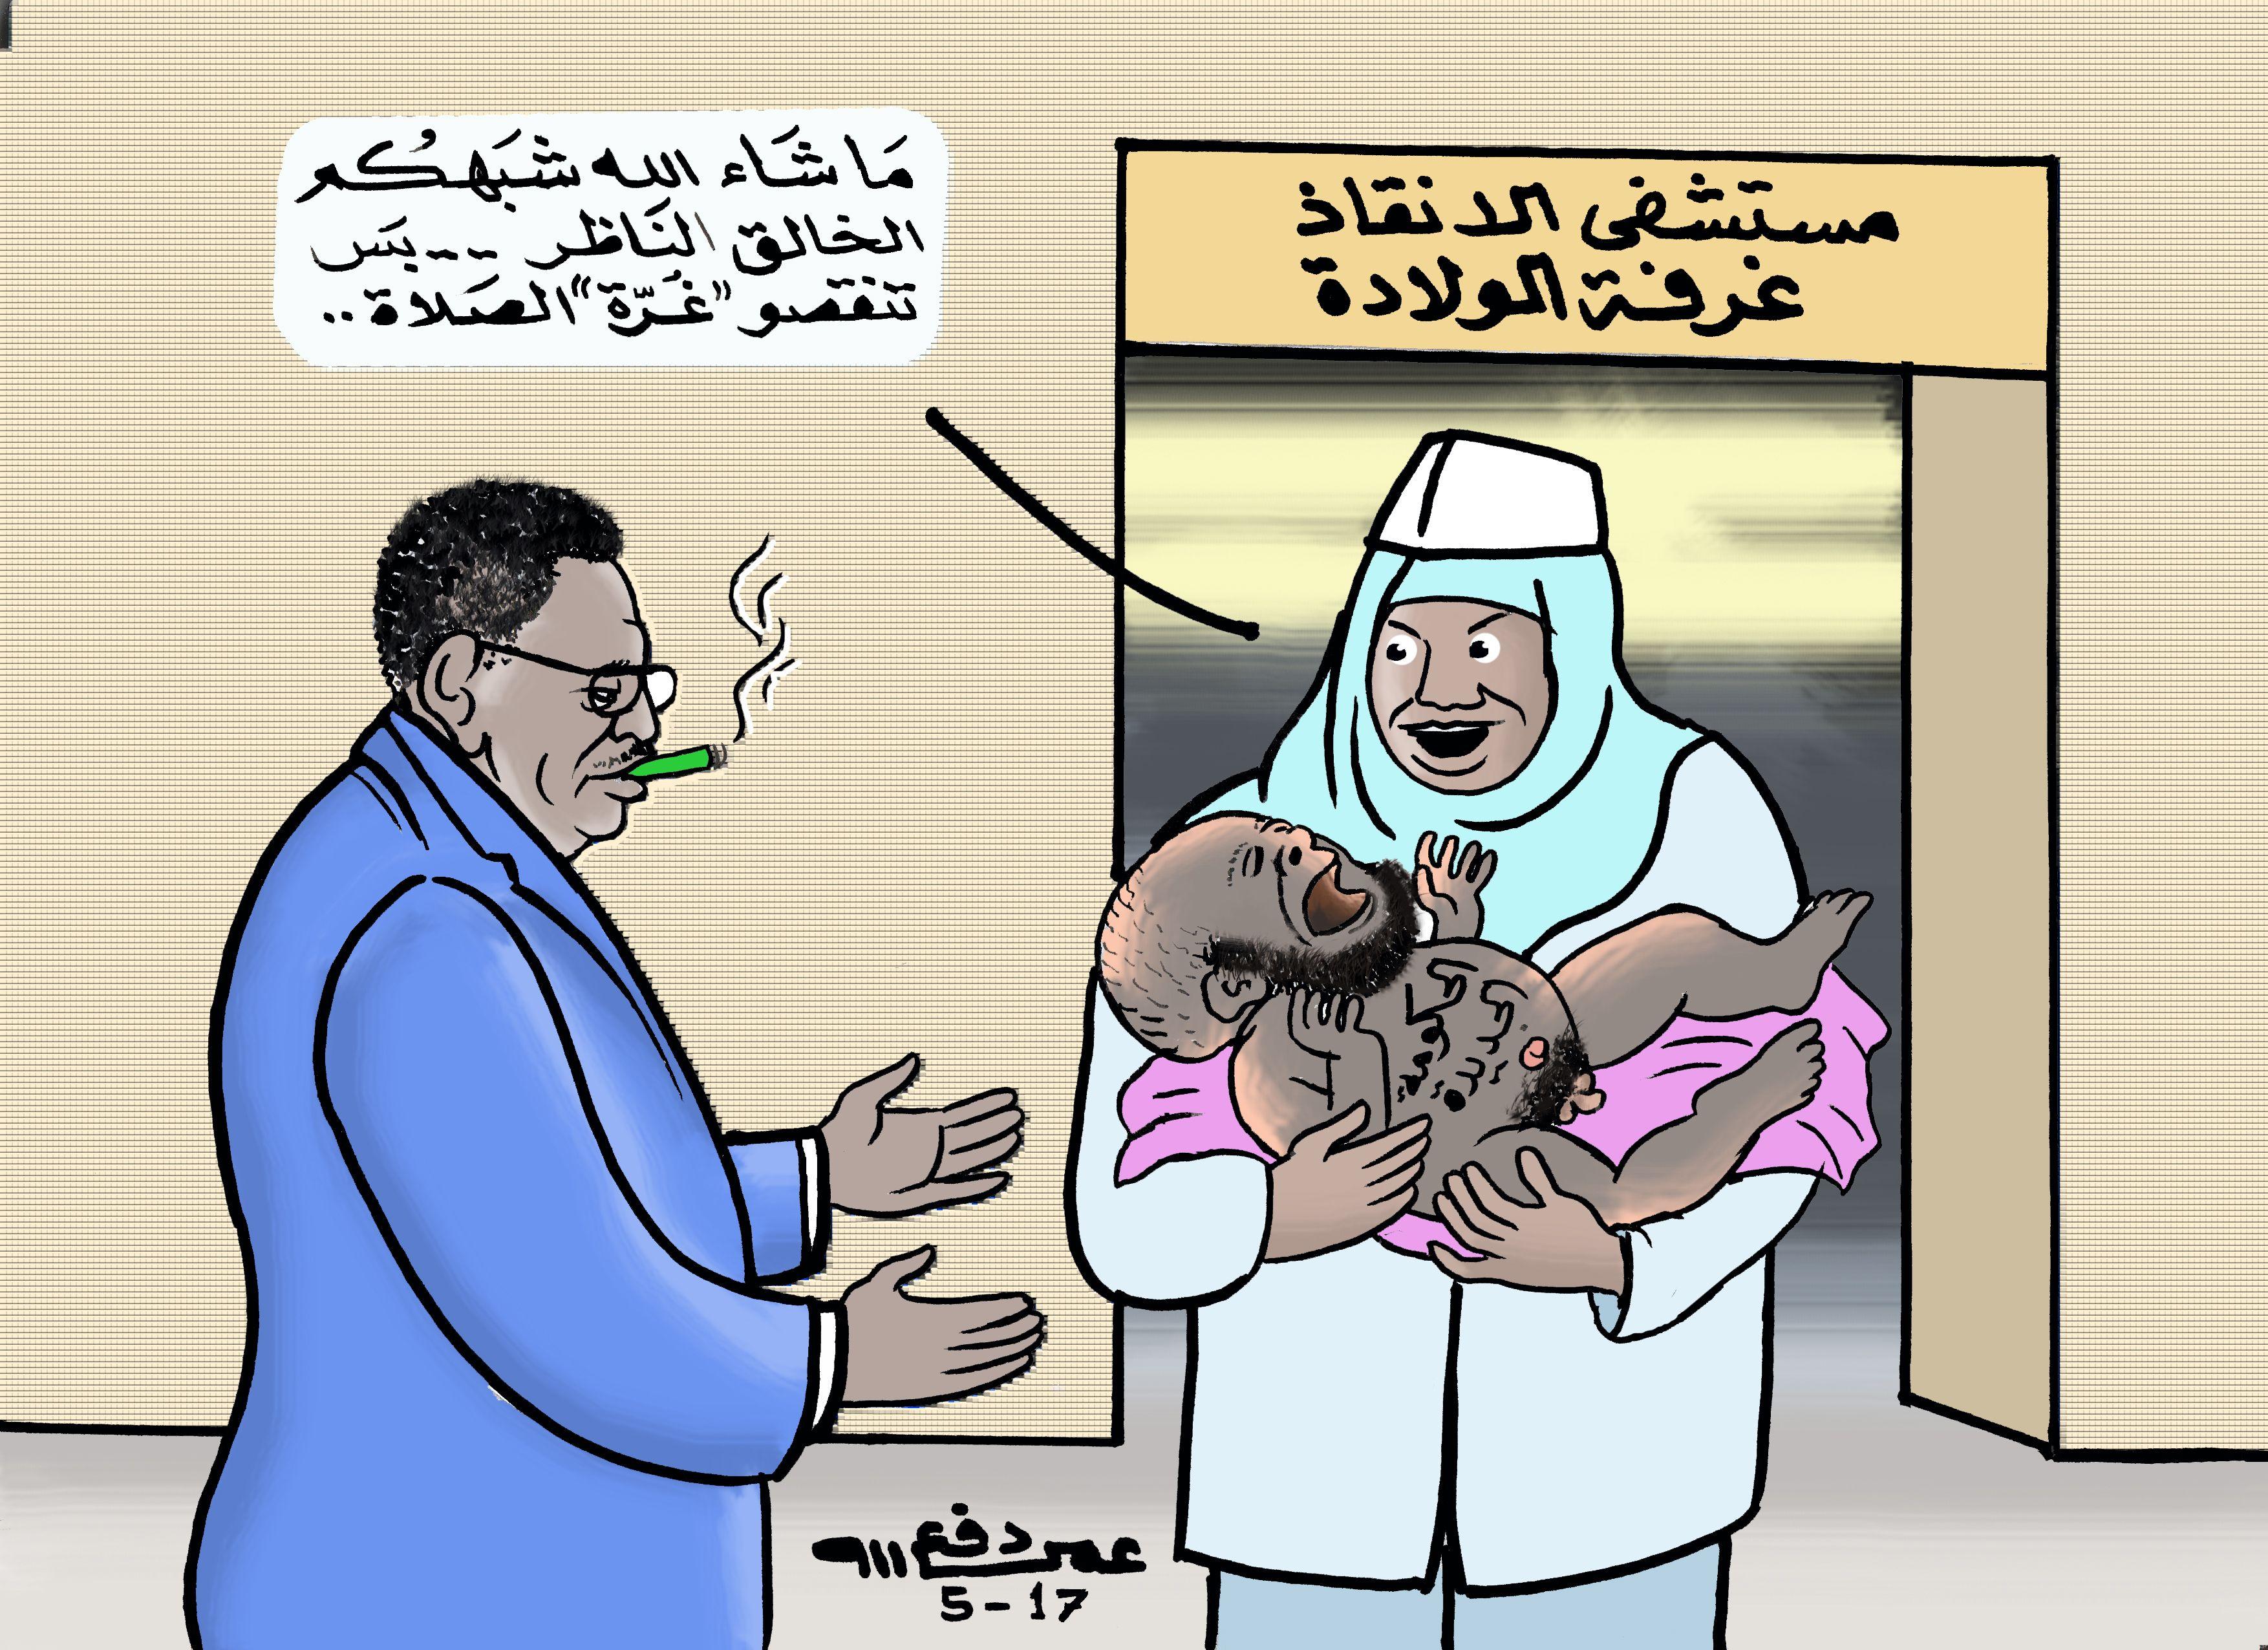 كاركاتير اليوم الموافق 16 مايو 2017 للفنان عمر دفع الله عن ولادة الحكومة السودانية الجديدة